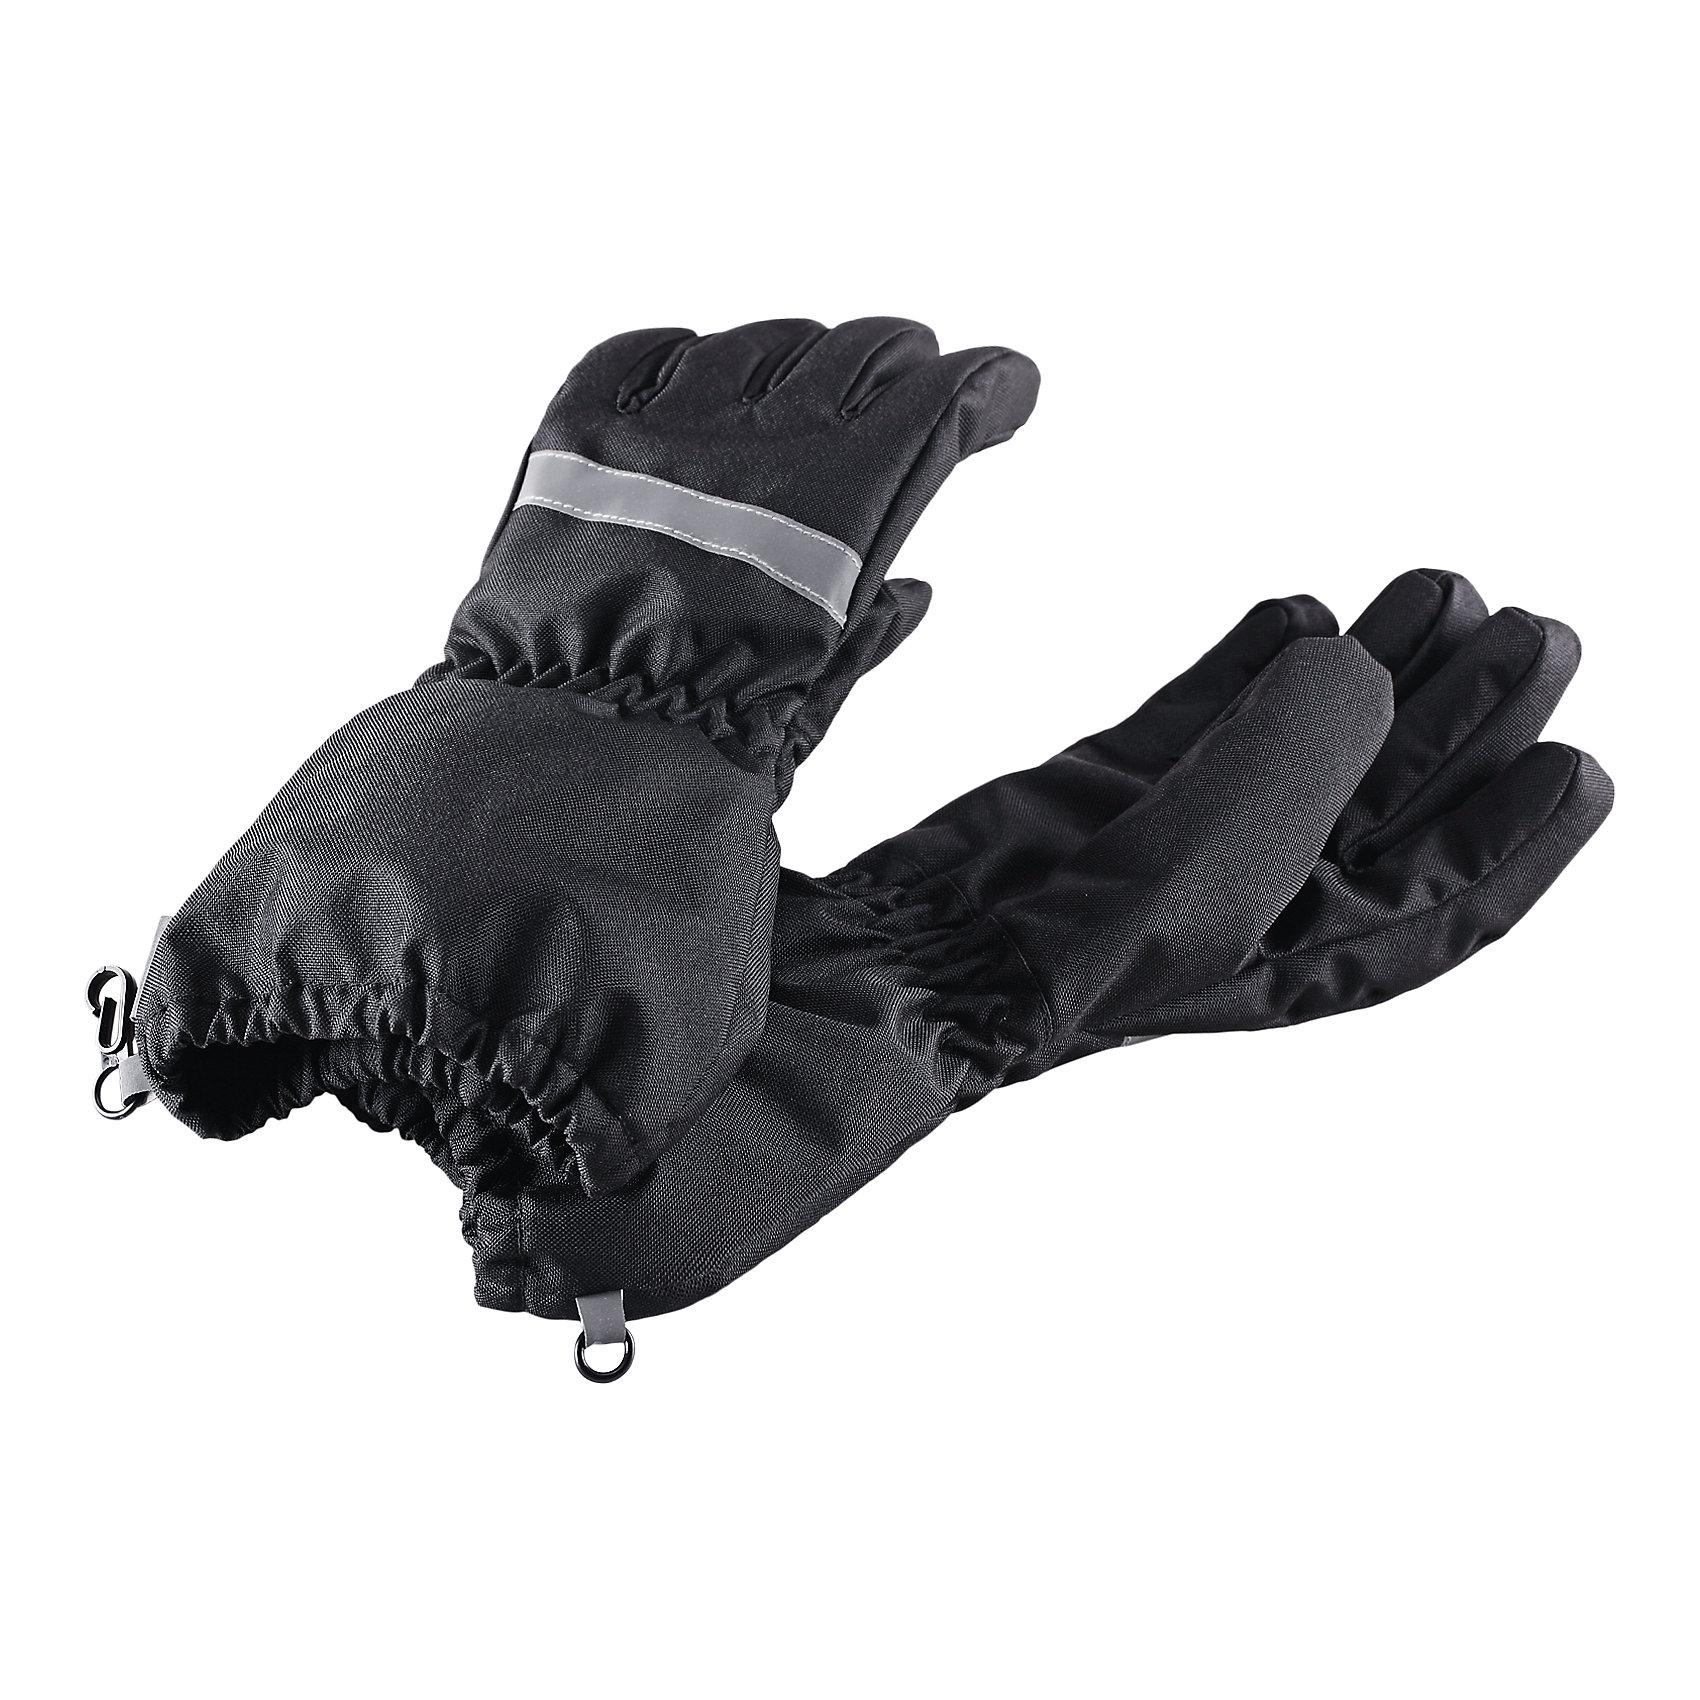 Перчатки LASSIEЗимние перчатки для детей известной финской марки.<br><br>- Сверхпрочный материал. Водоотталкивающий, ветронепроницаемый и грязеотталкивающий материал. <br>- Подкладка из полиэстера с начесом. <br>- Средняя степень утепления.<br>-  Безопасные светоотражающие детали. Светоотражающая эмблема Lassie®.  <br><br>Рекомендации по уходу: Полоскать без специального средства. Сушить при низкой температуре.<br><br> Состав: 100% Полиамид, полиуретановое покрытие.  Утеплитель «Lassie wadding» 120гр.<br><br>Ширина мм: 162<br>Глубина мм: 171<br>Высота мм: 55<br>Вес г: 119<br>Цвет: черный<br>Возраст от месяцев: 120<br>Возраст до месяцев: 144<br>Пол: Унисекс<br>Возраст: Детский<br>Размер: 6,3,4,5<br>SKU: 4780653